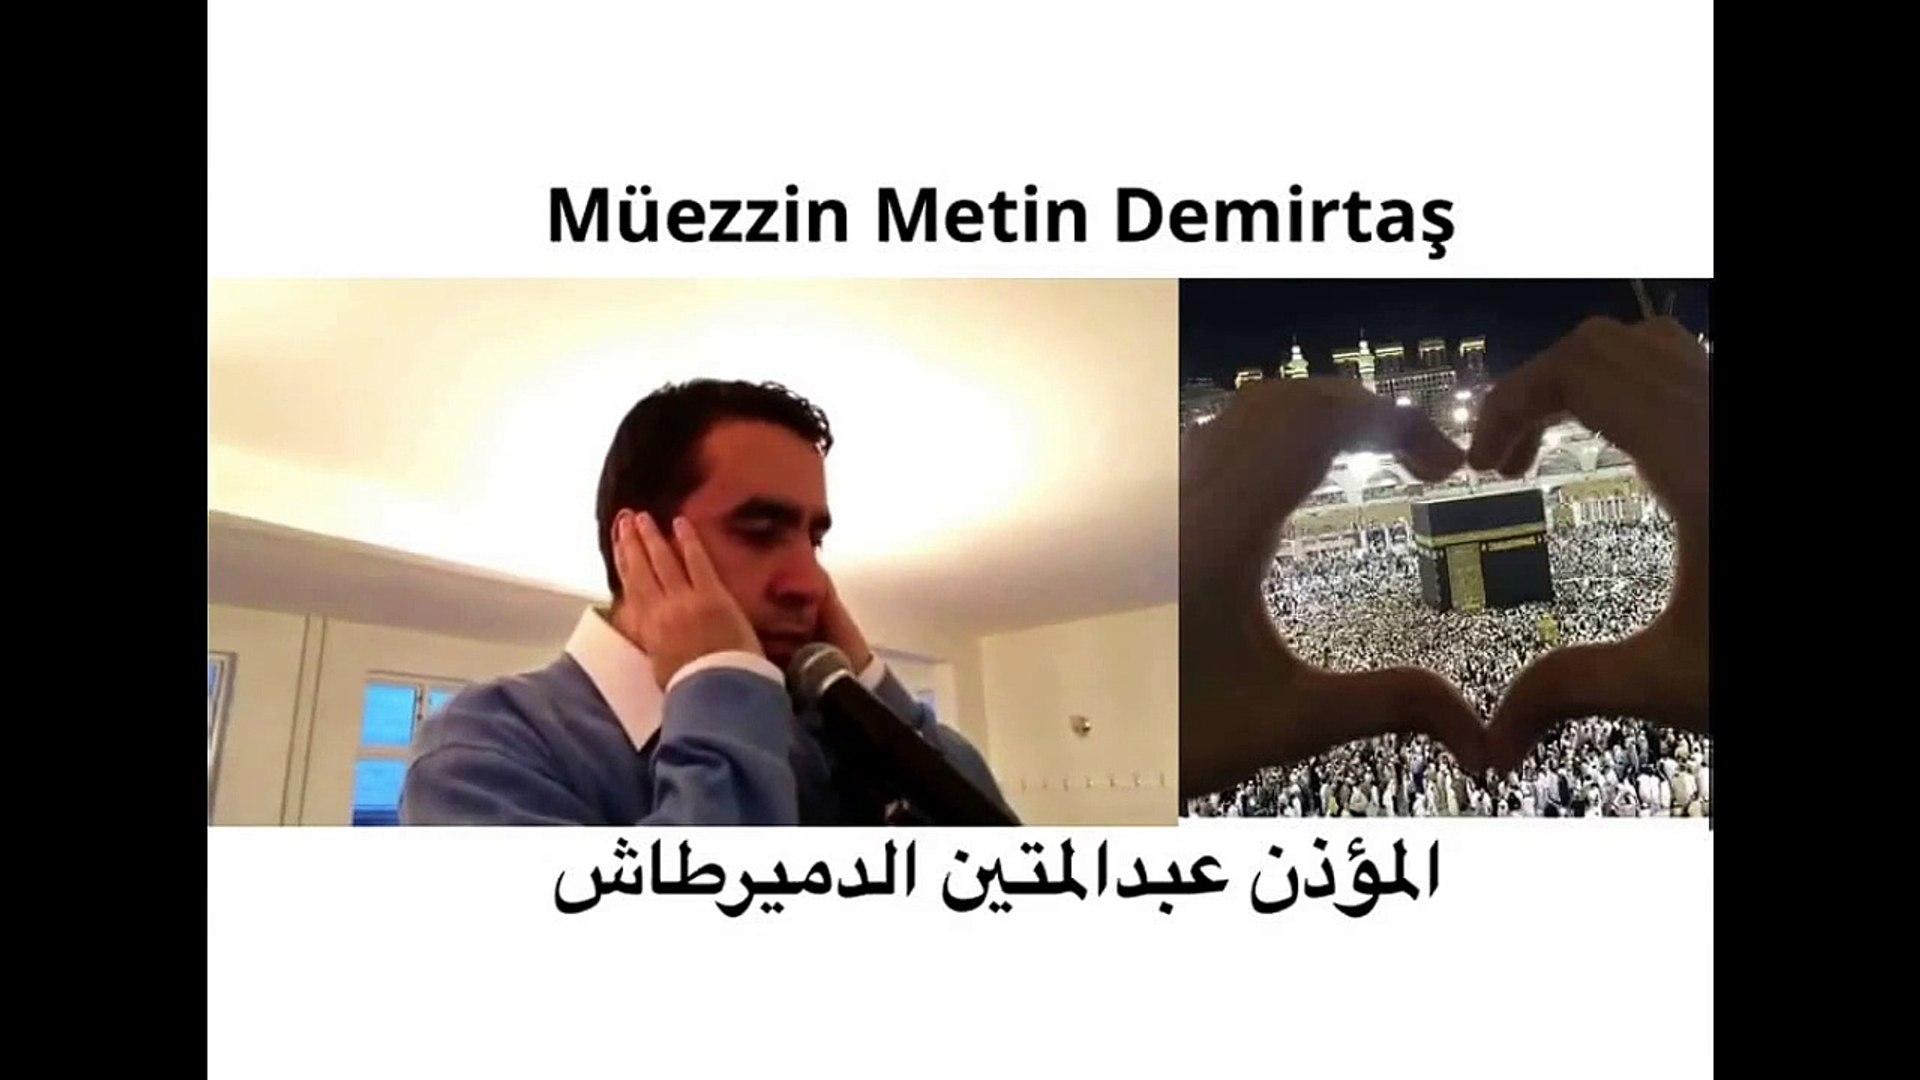 Metin Demirtas. Kabe ezan dinle. Azan Makkah Masjid Al Haram. Adhan Makkah Al Mukarramah. Sheikh Ali